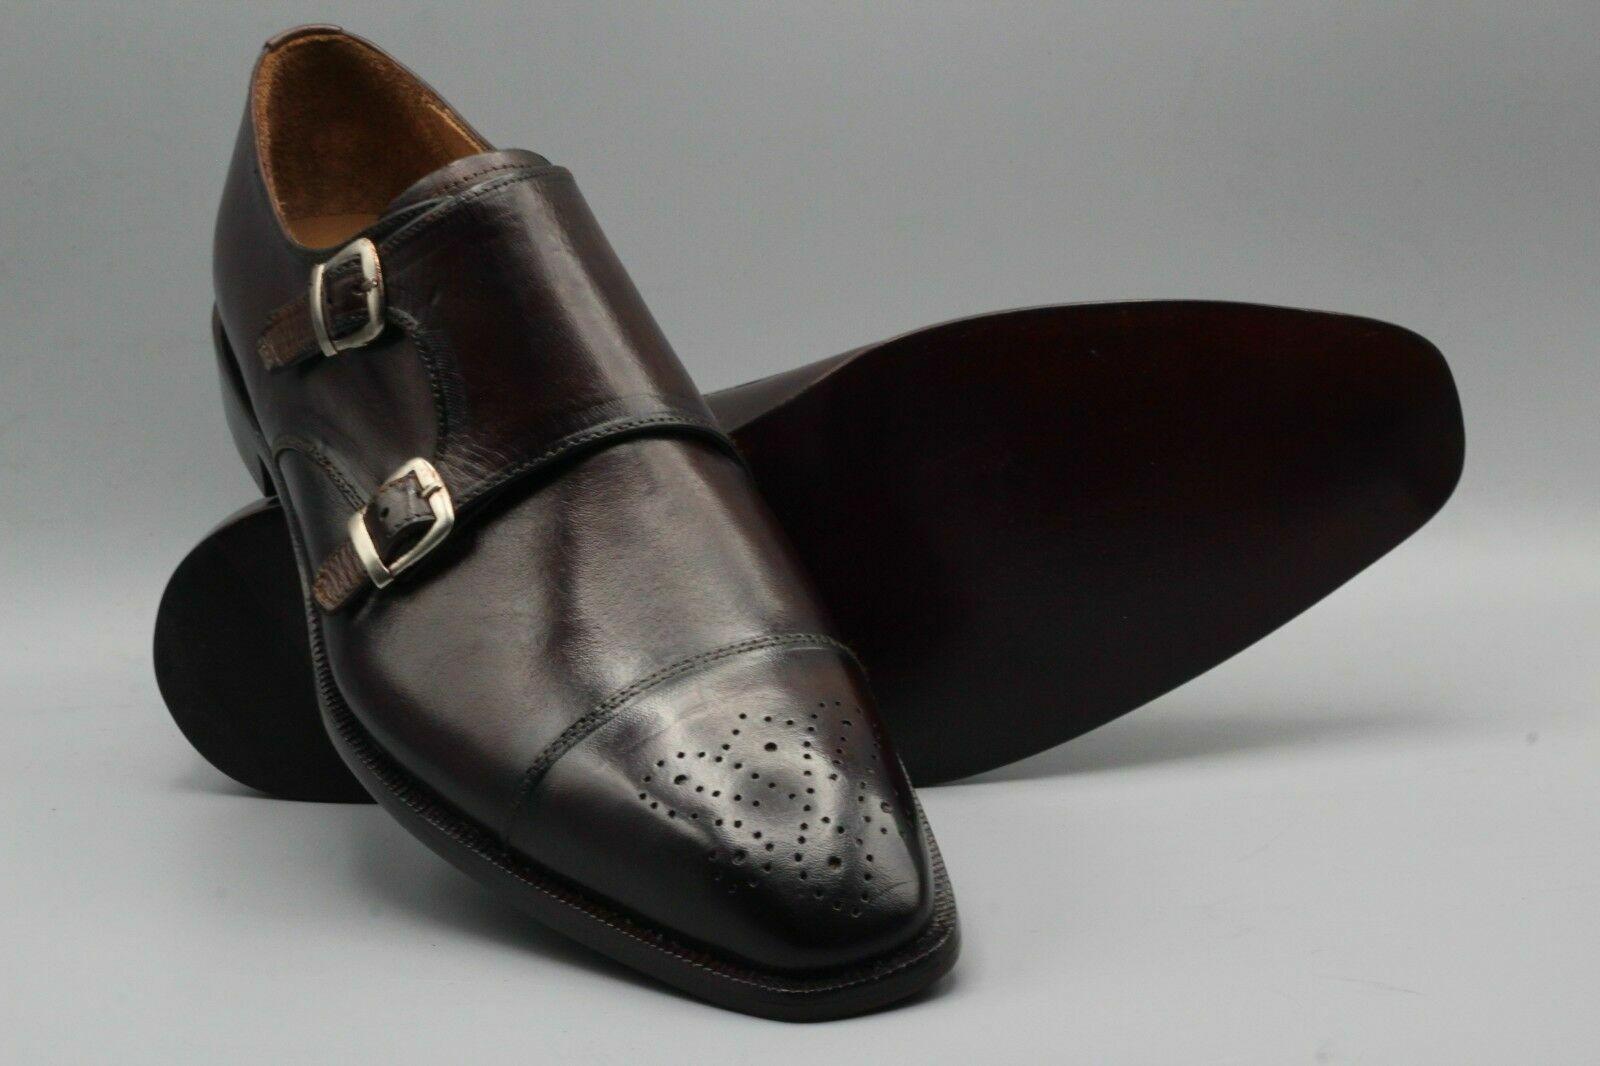 più economico Fatto a mano in pelle Marronee doppio Monaco Oxford Brogue Brogue Brogue Toe Cap Scarpe per uomo  l'intera rete più bassa